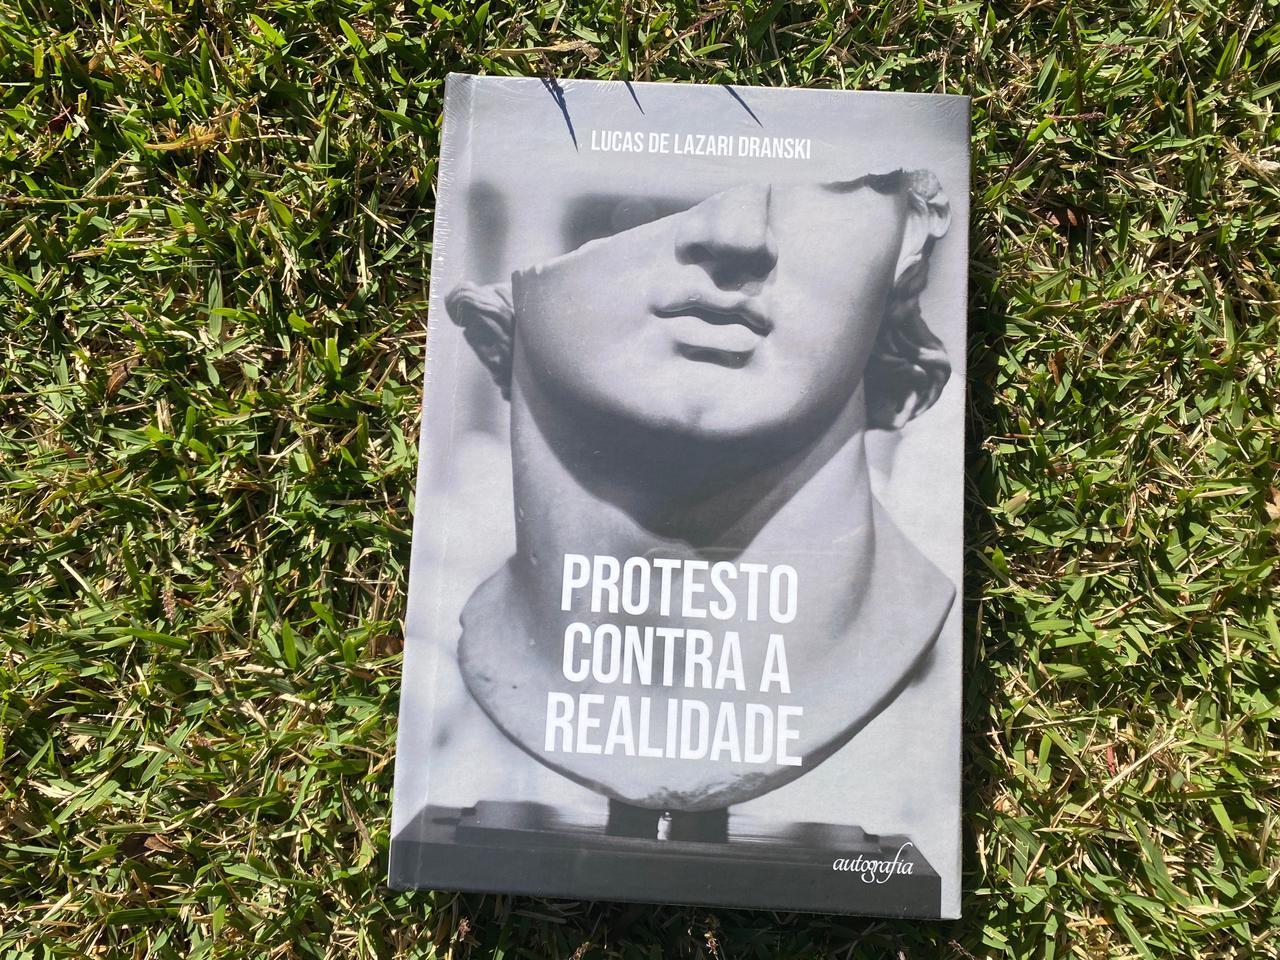 Prefeitura de Itararé (SP) promove live de lançamento do livro Protesto contra a realidade